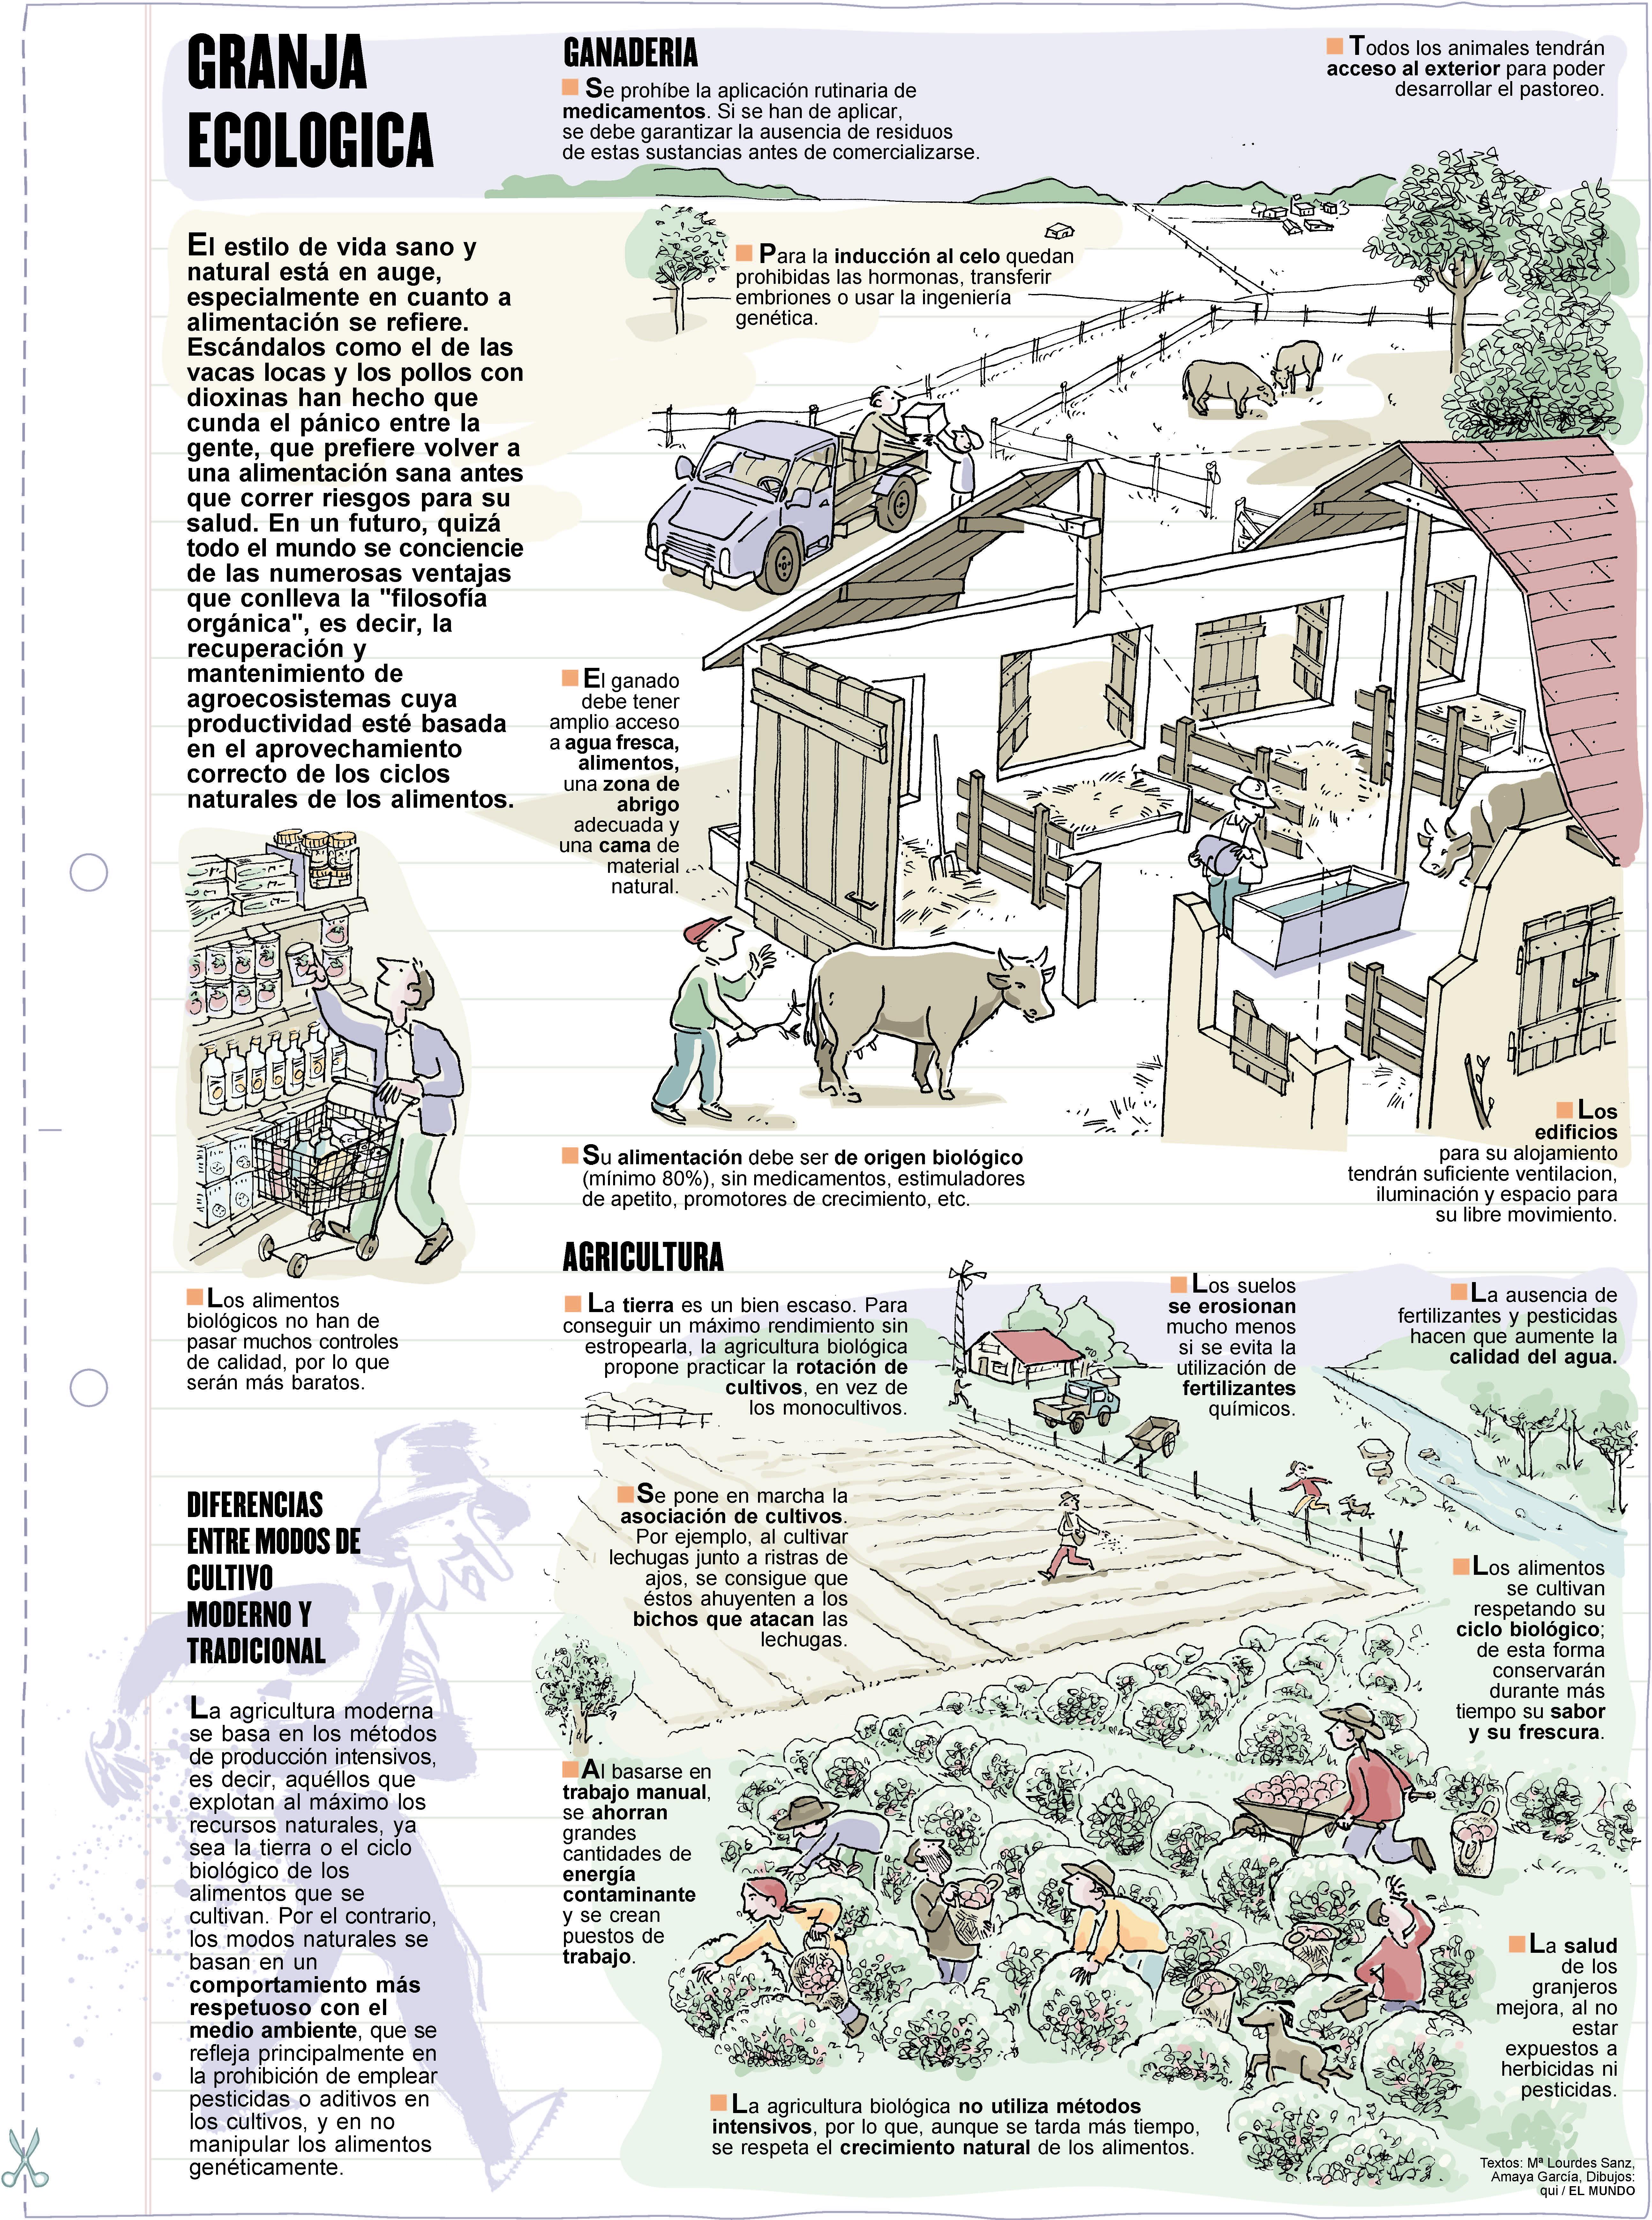 Granja ecológica. Láminas de El Mundo